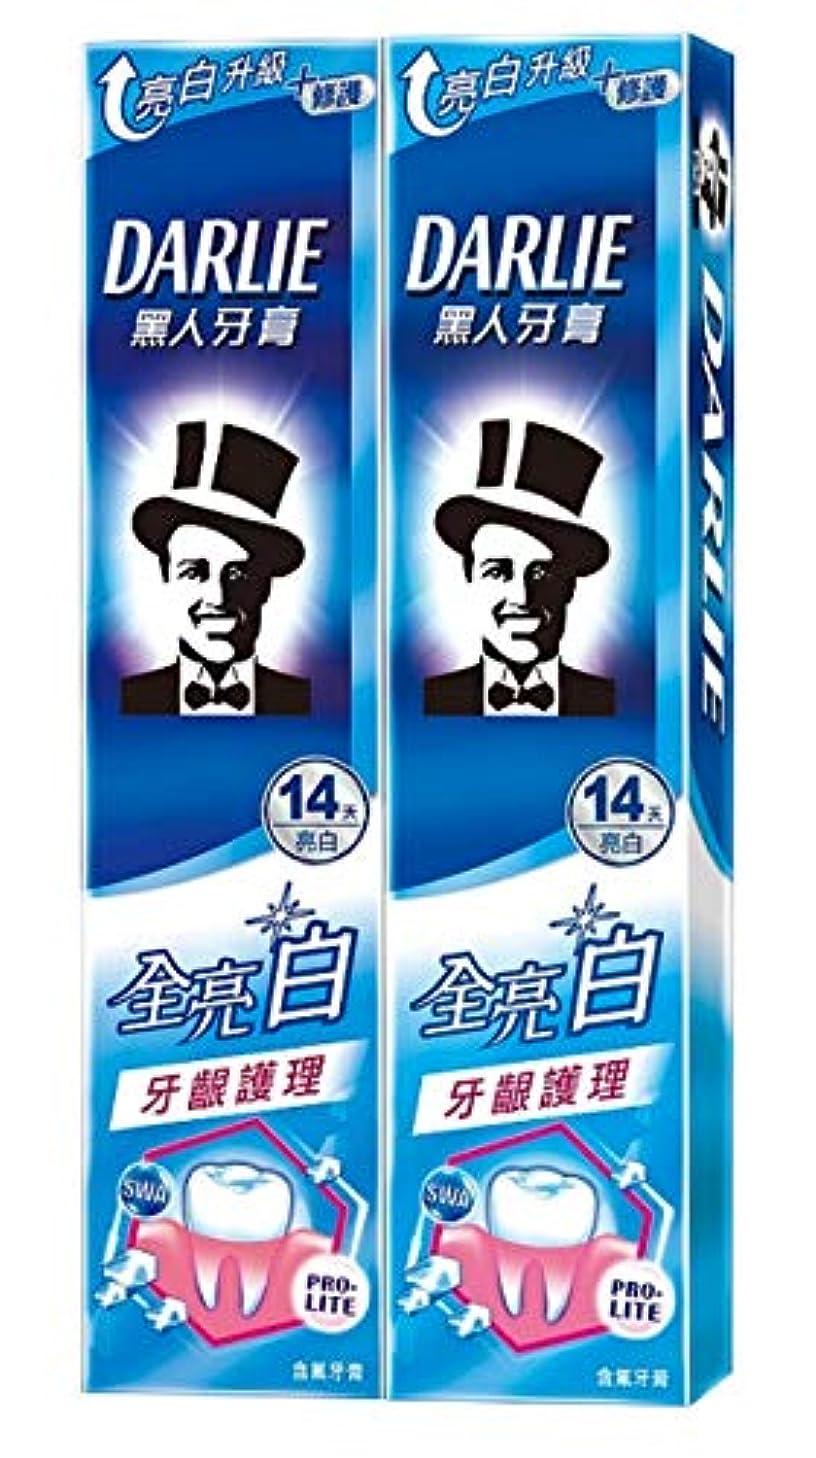 無数の性交パーティション黑人全亮白牙齦護理牙膏 歯茎ケア 歯磨き粉 140g×2個 [並行輸入品]